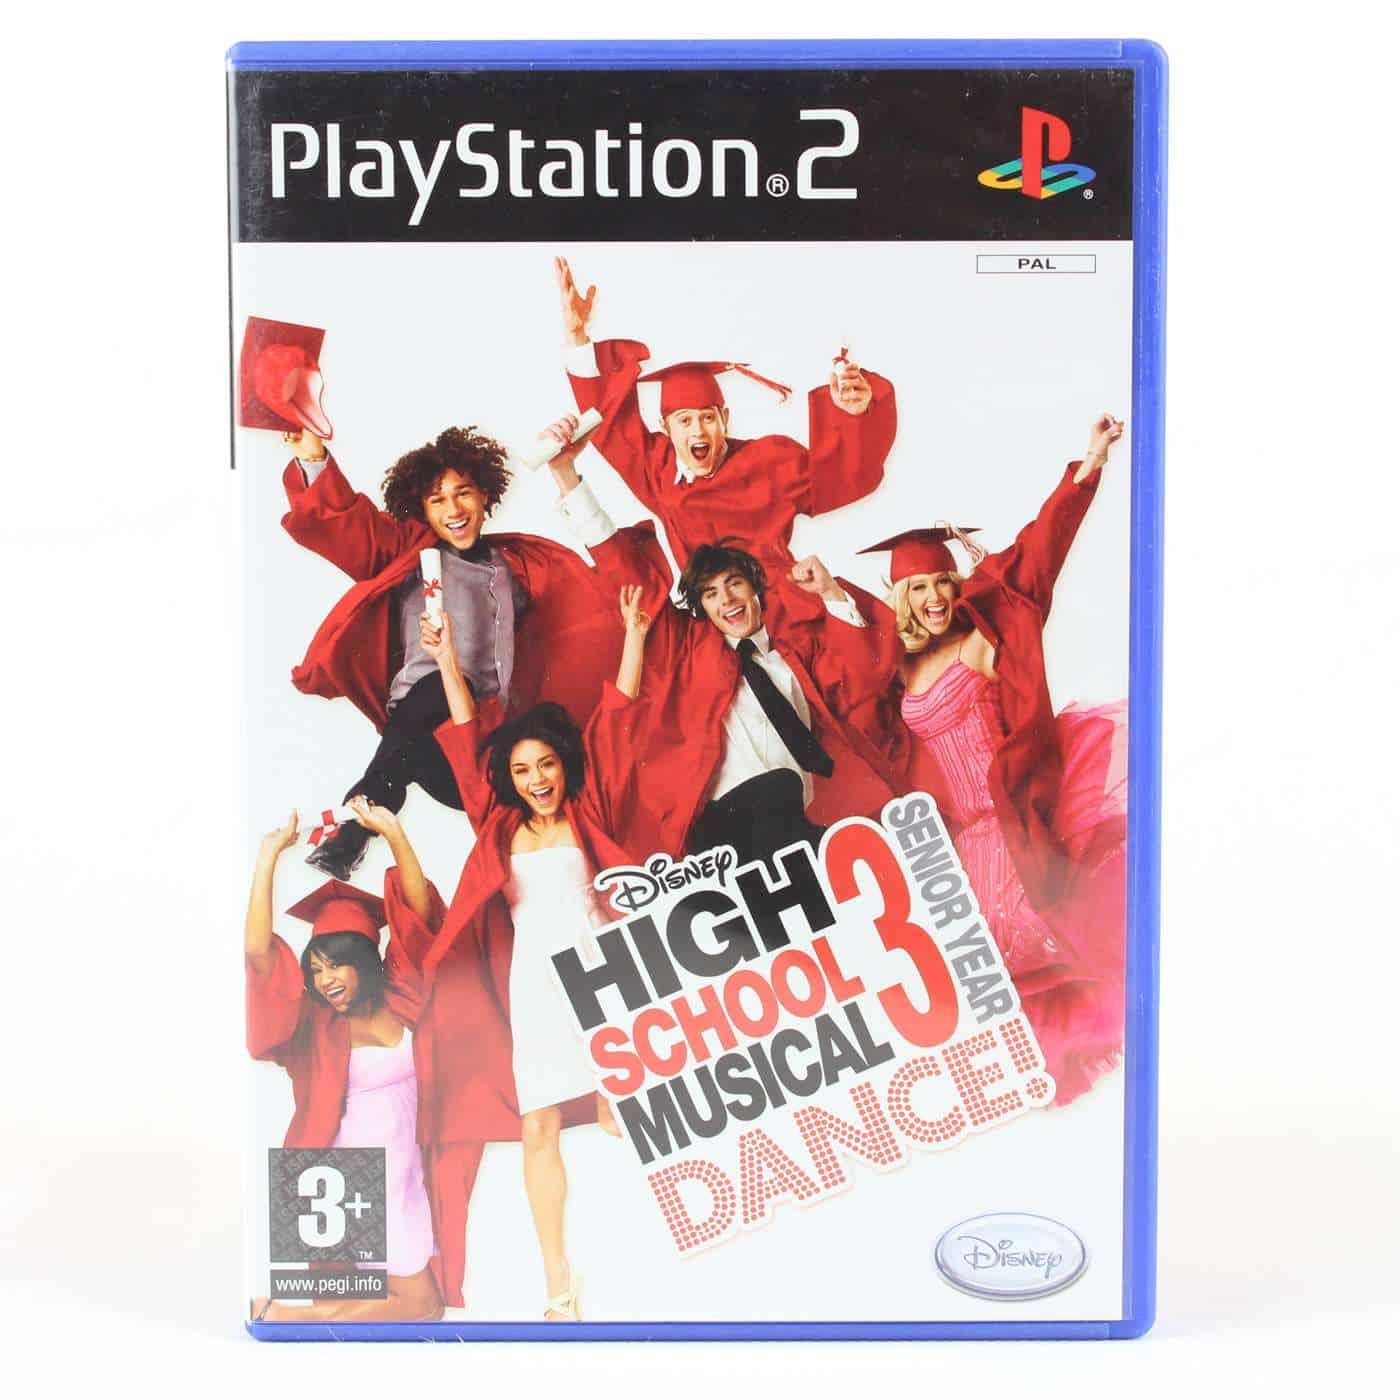 High School Musical 3: Senior Year Dance! (Playstation 2)